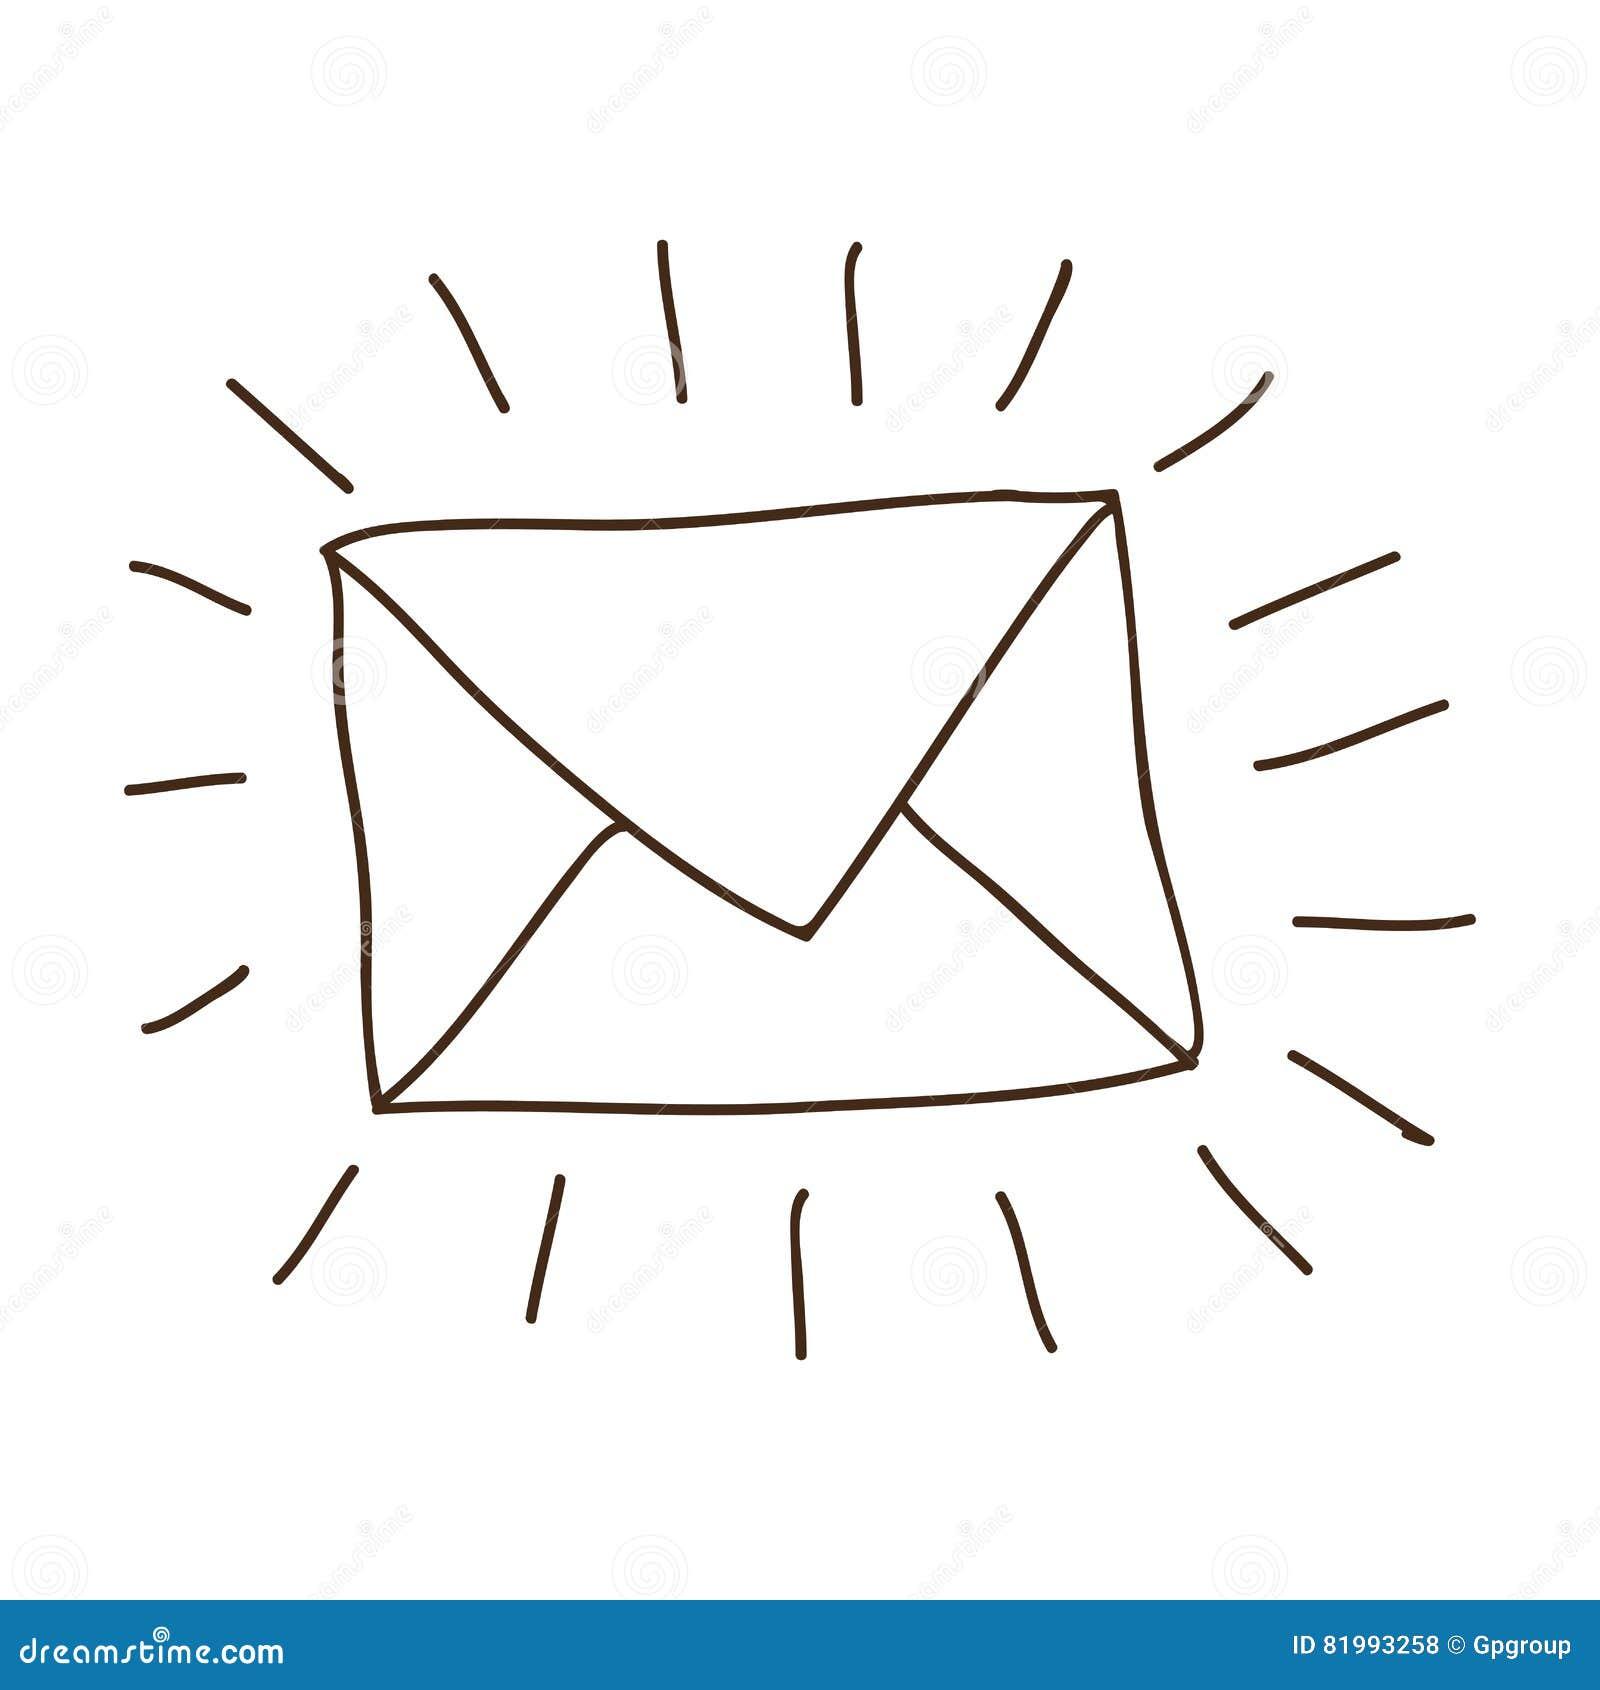 Dessin D Enveloppe dessin de main de courrier d'enveloppe de découpe illustration stock